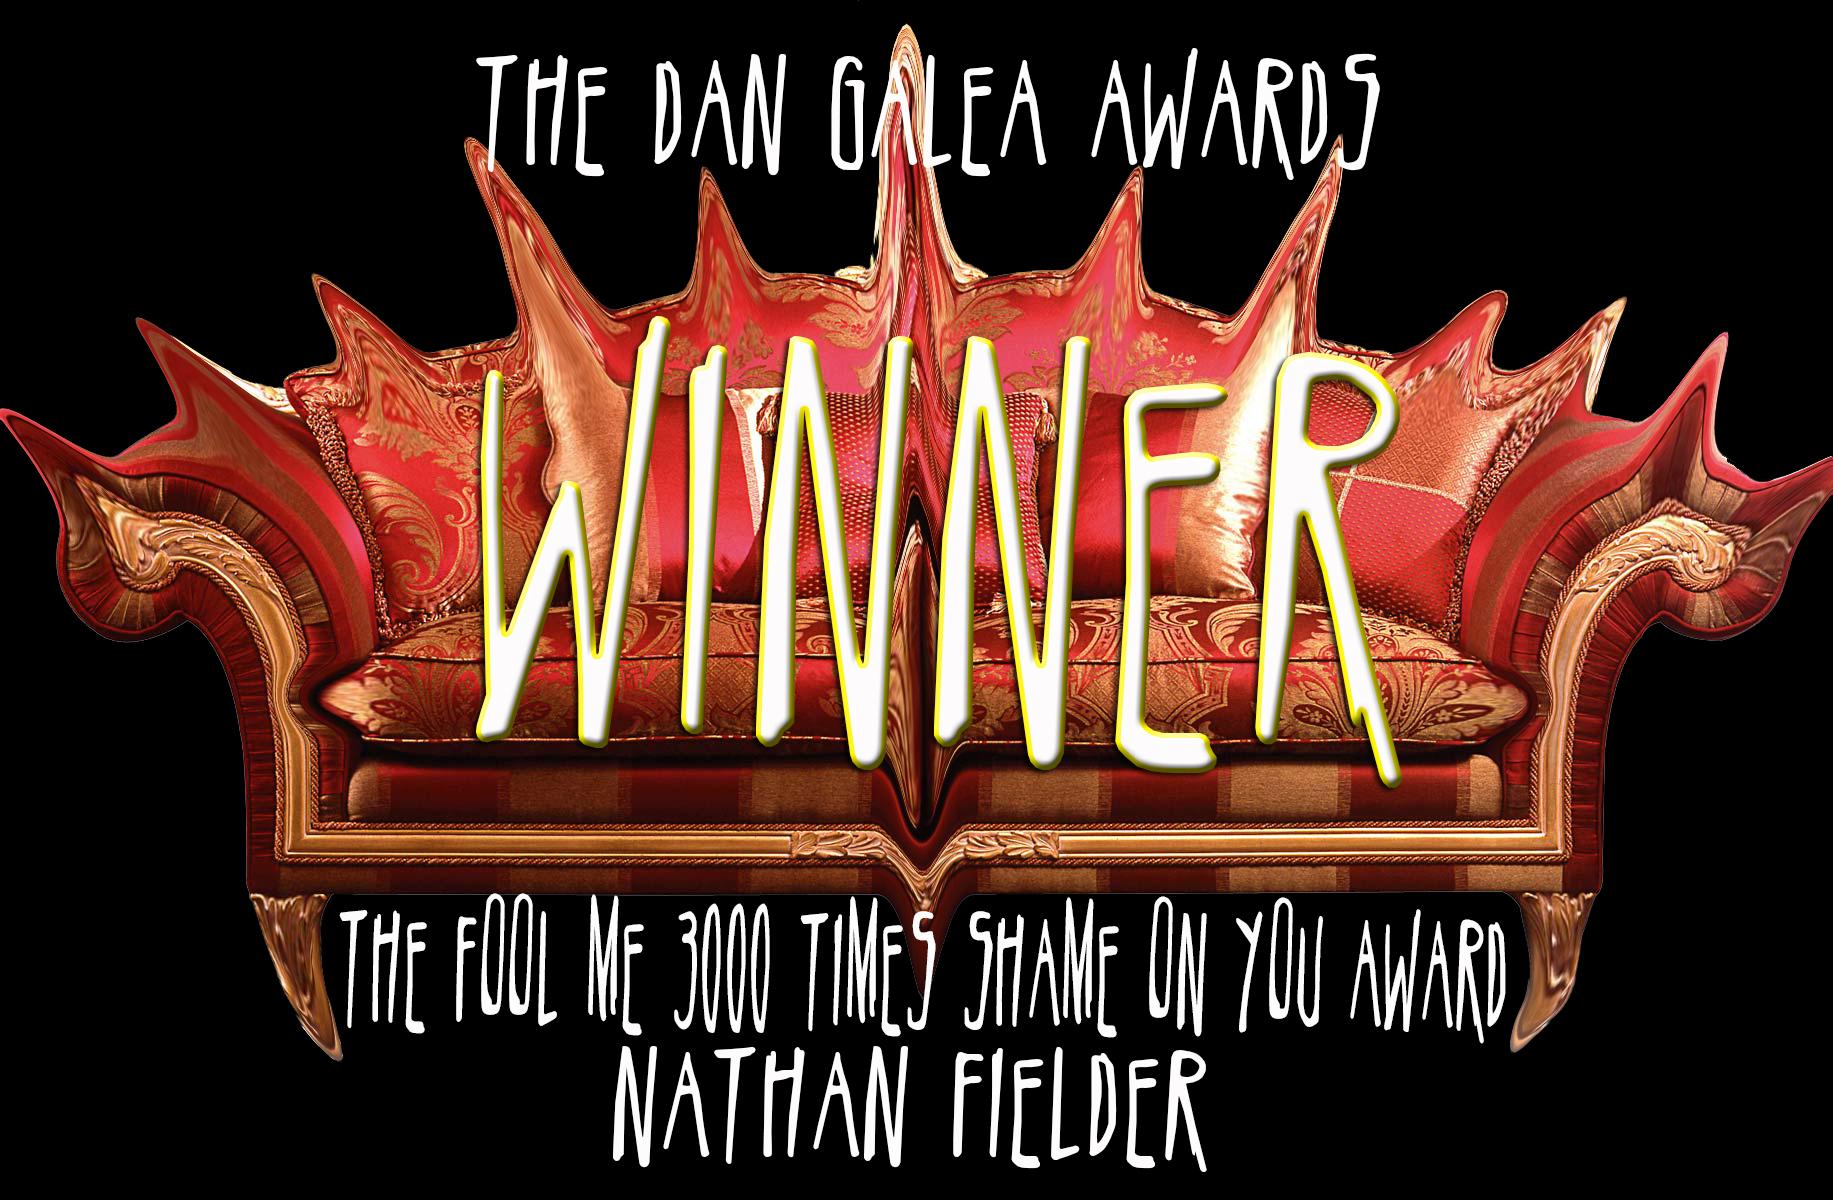 DGawards Nathan Fielder2.jpg